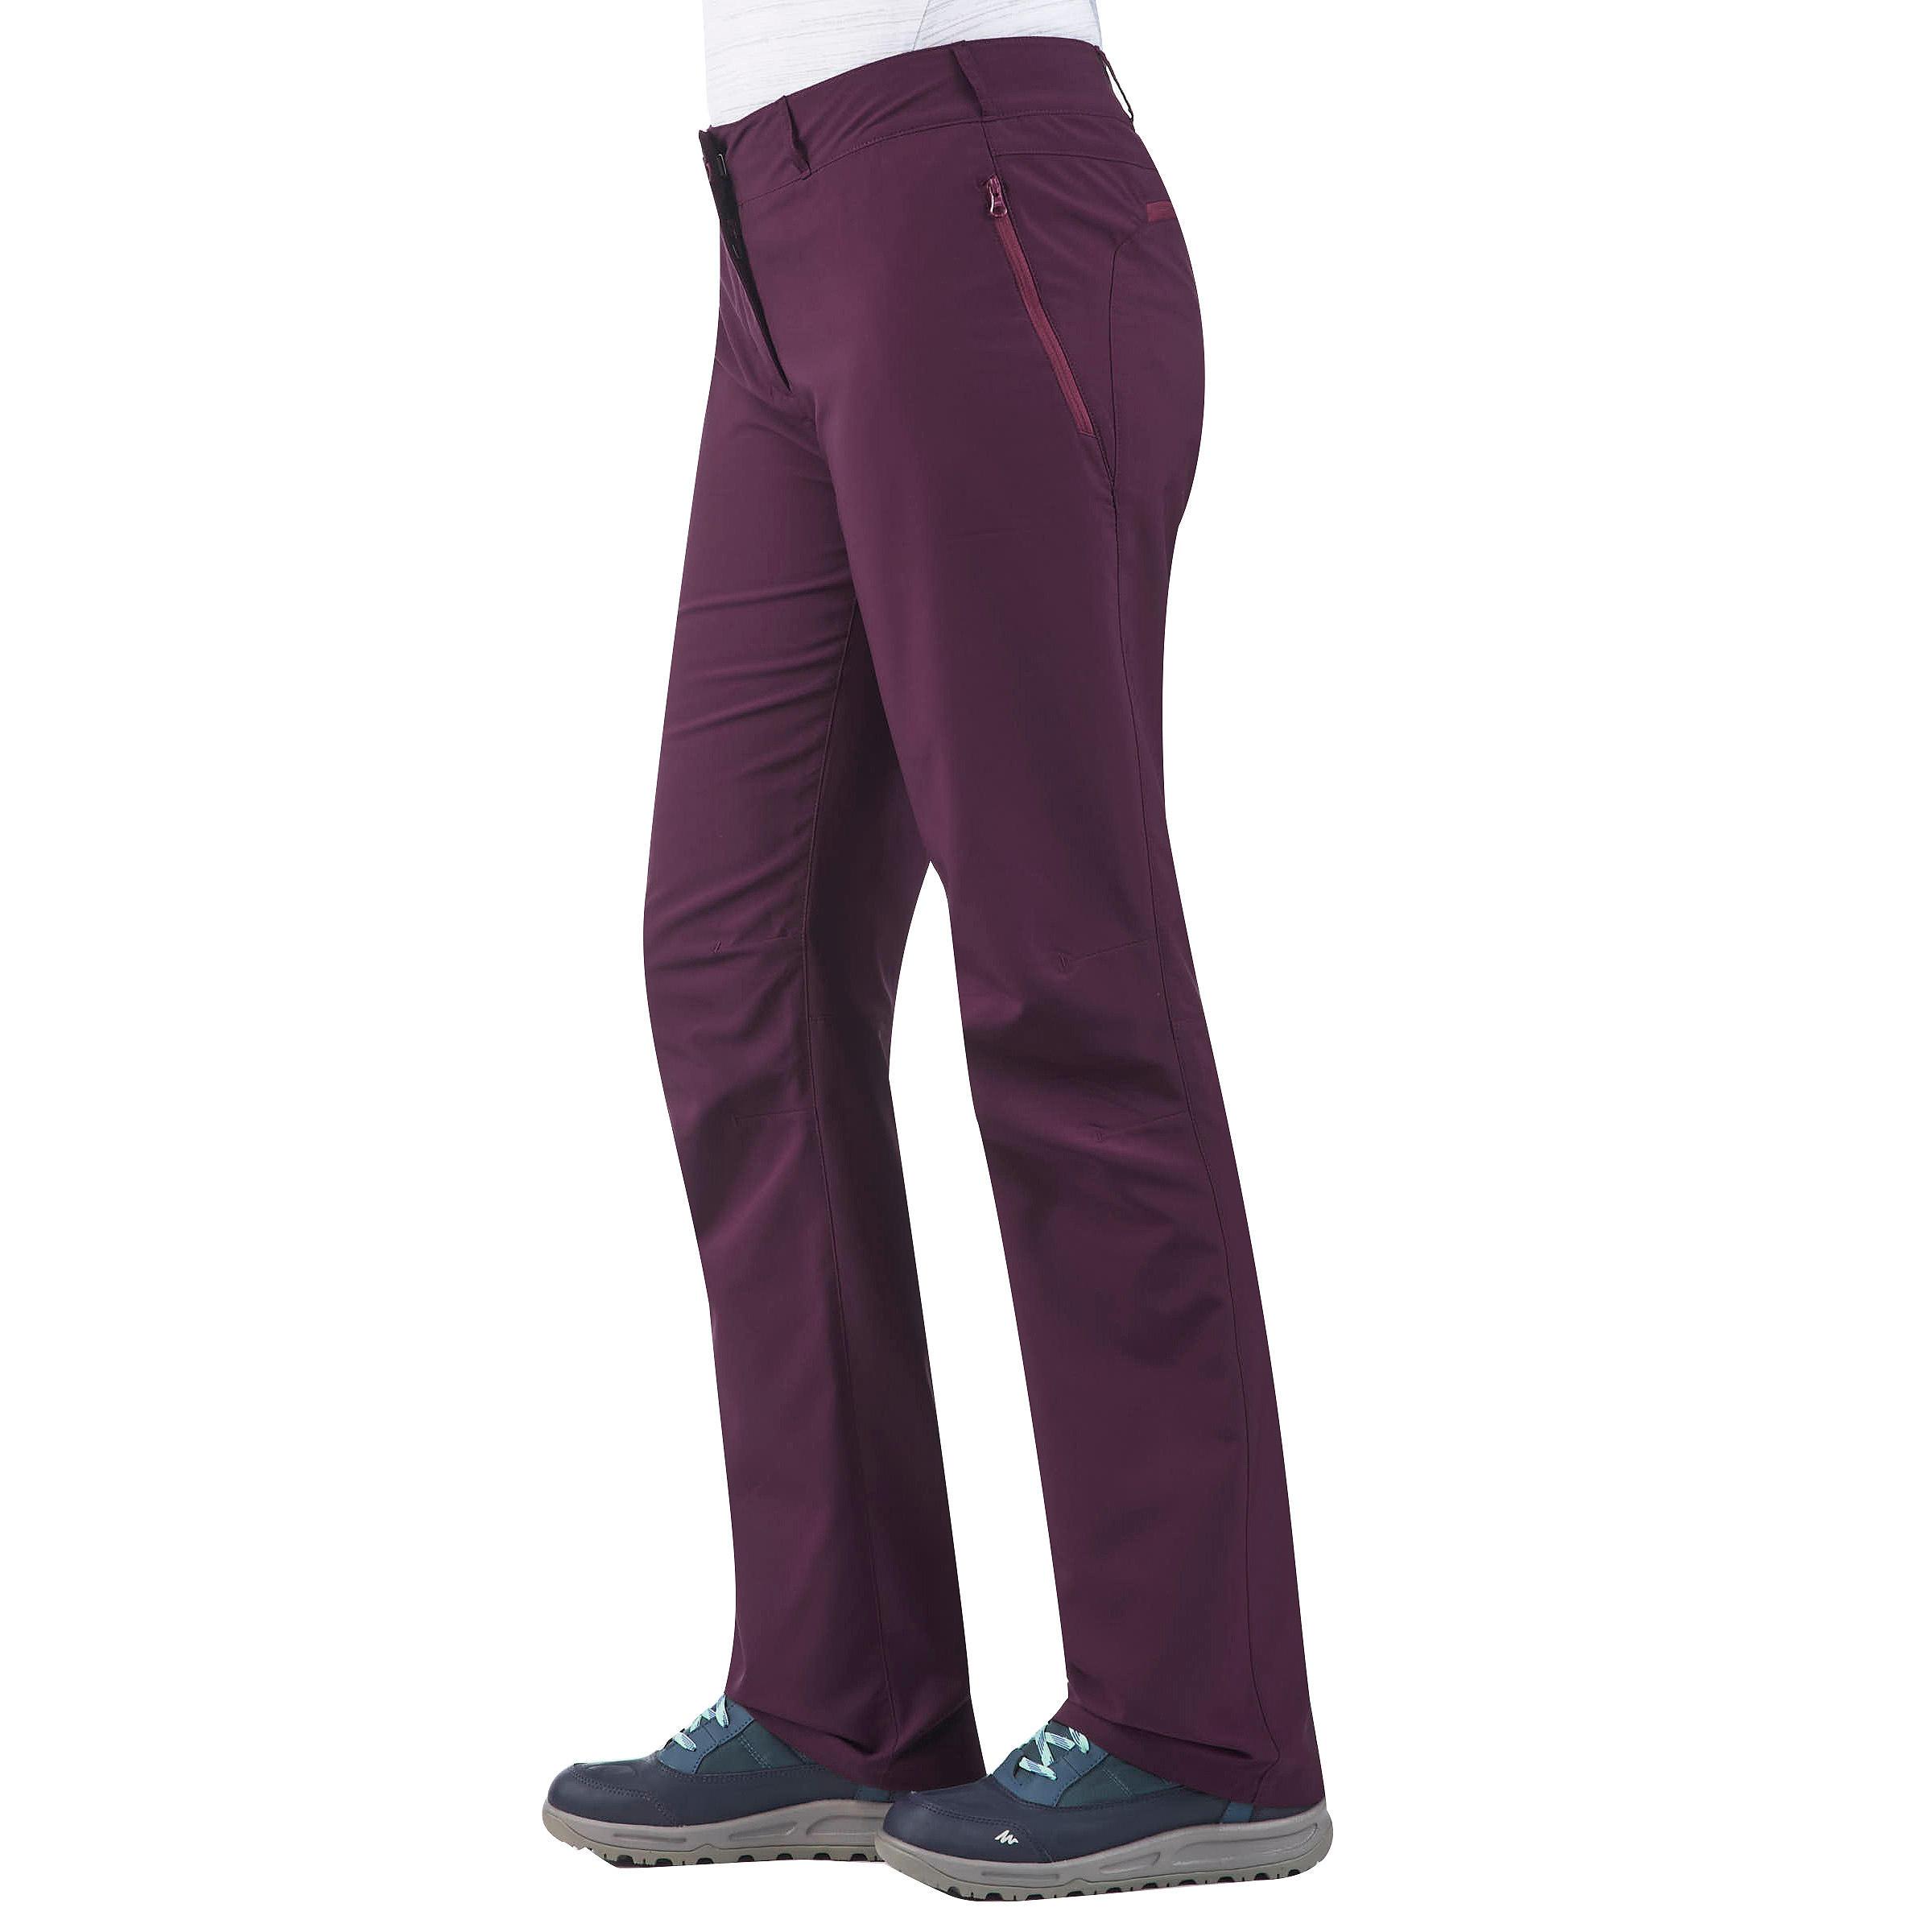 Violet Neige Randonnée Pantalon Chaud De Sh500 Femme UzGMpVSq